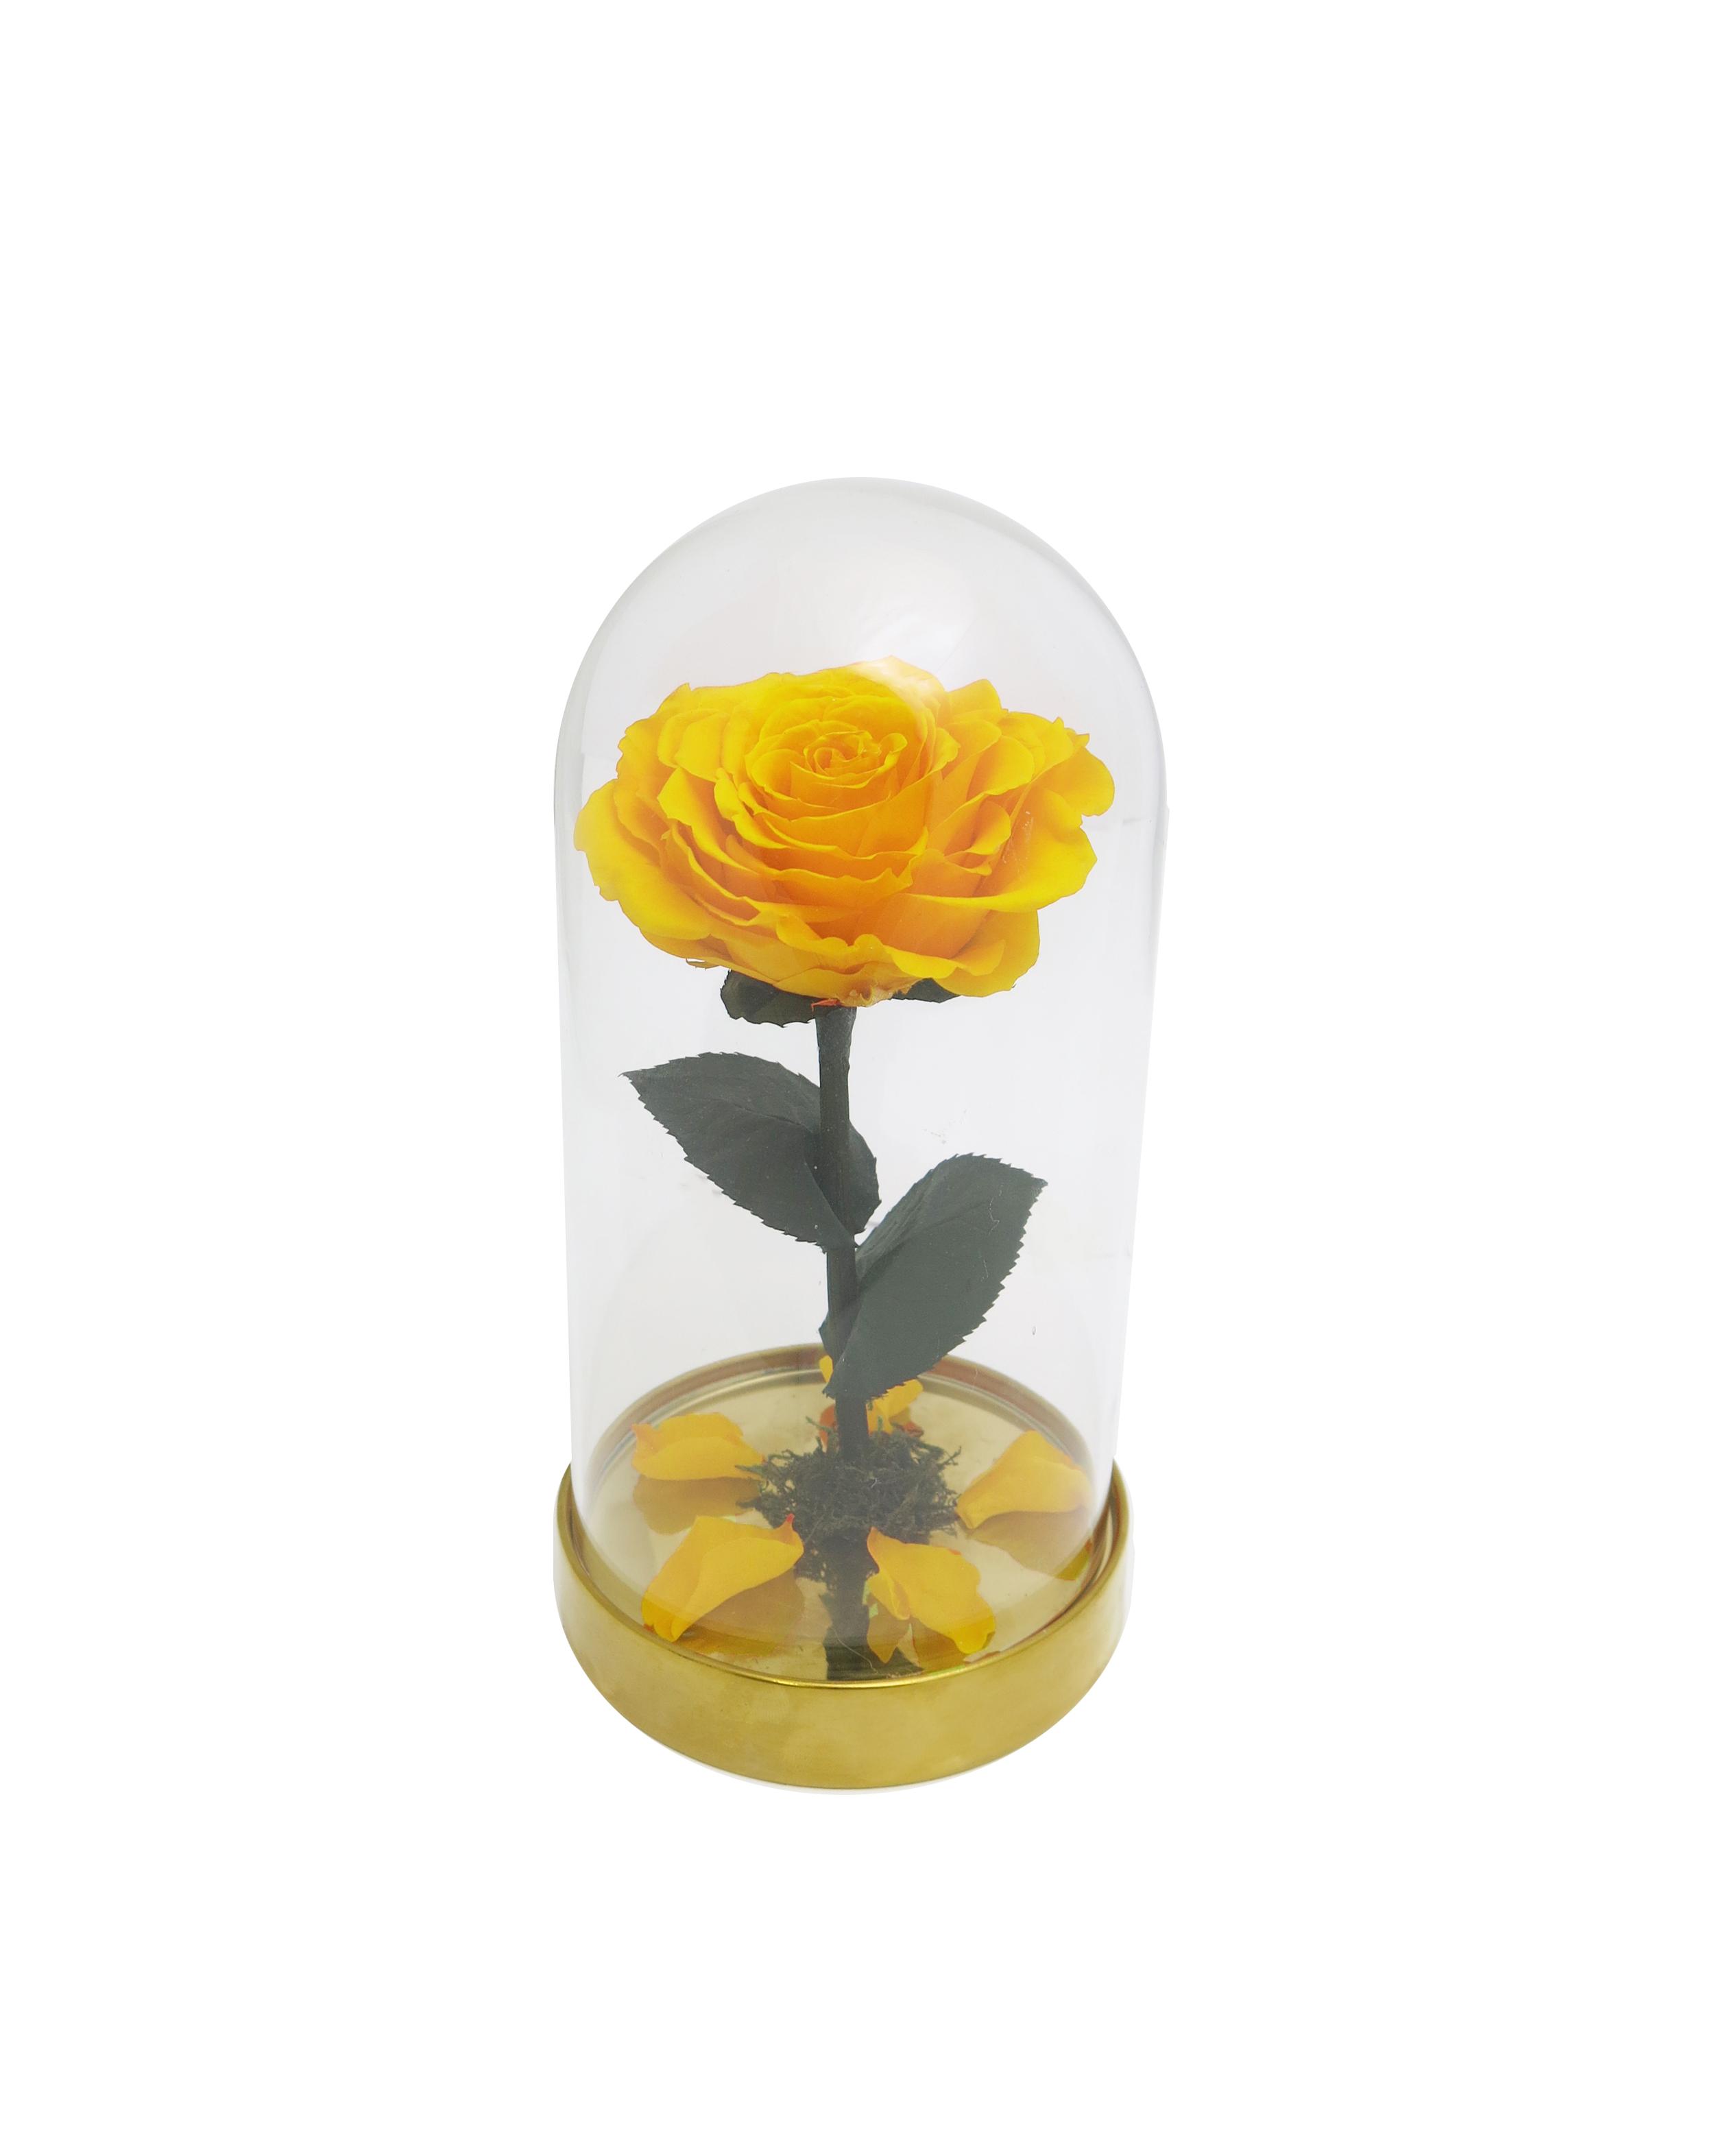 """Роза стеклянной колбе в стиле """"Красавица и чудовище"""" в стеклянном куполе H20 D10 цвет жёлтый"""